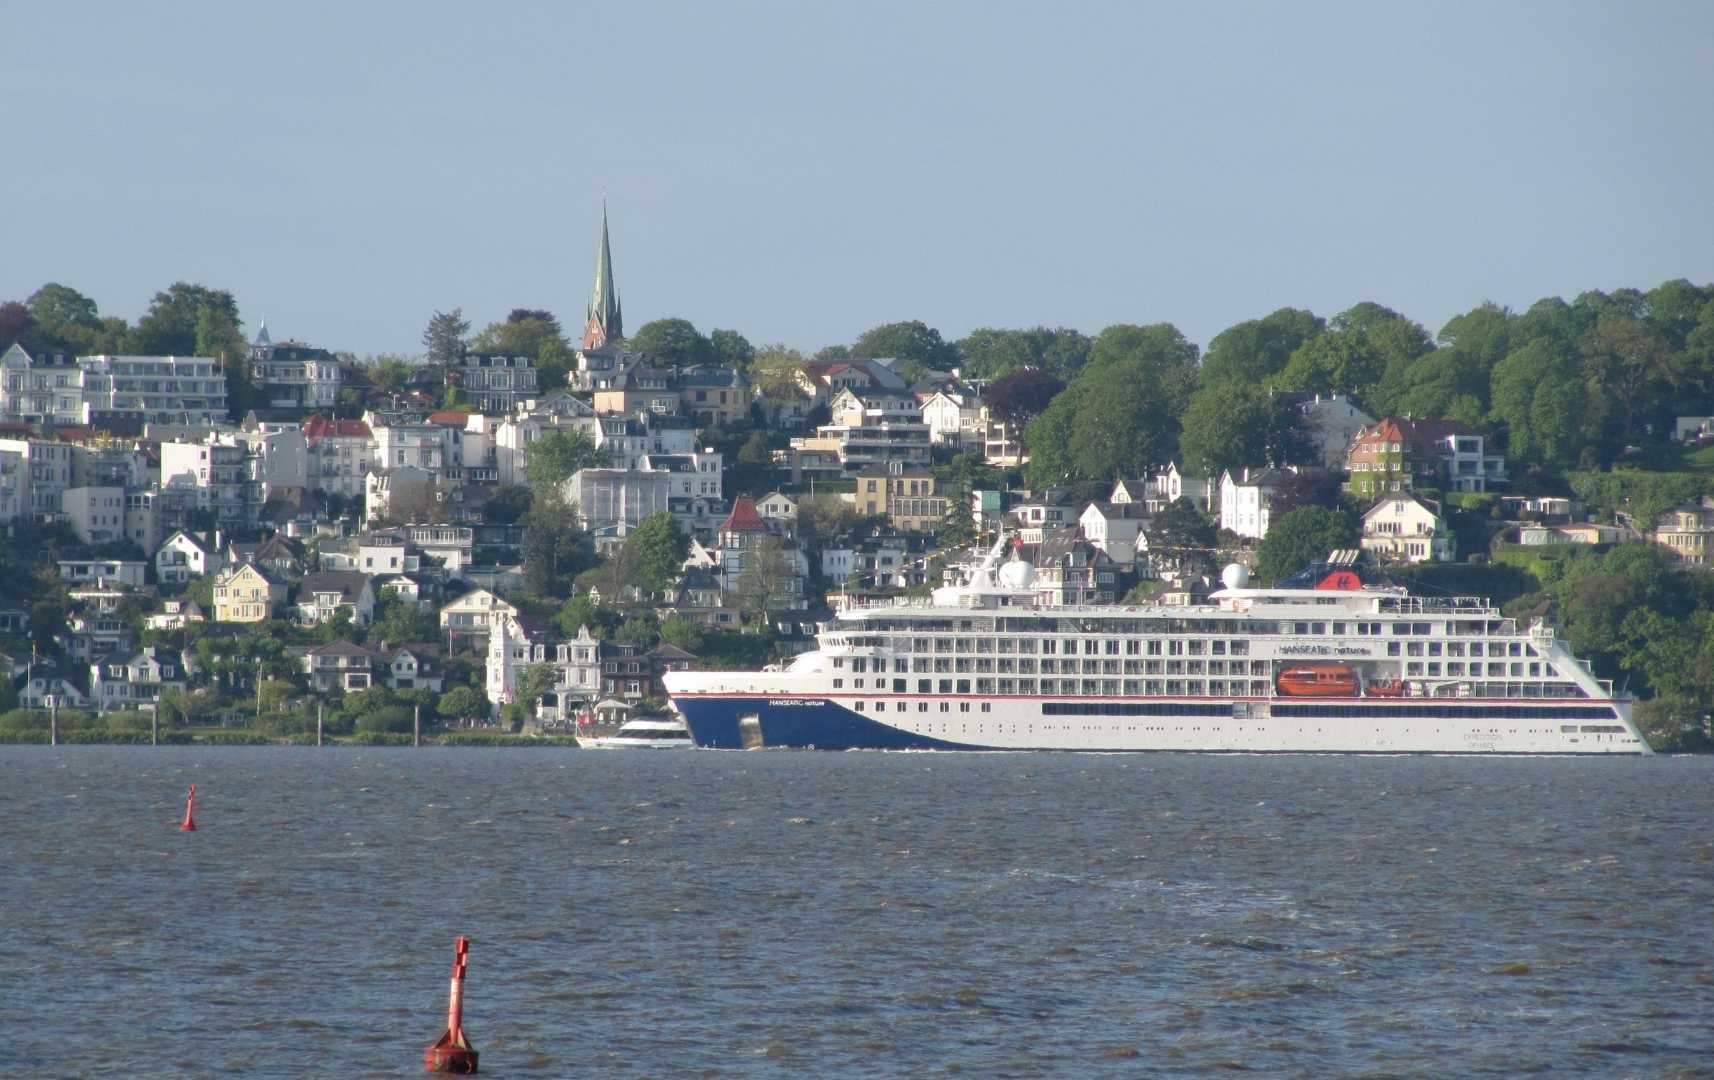 Das Schiff - Hanseatic Nature